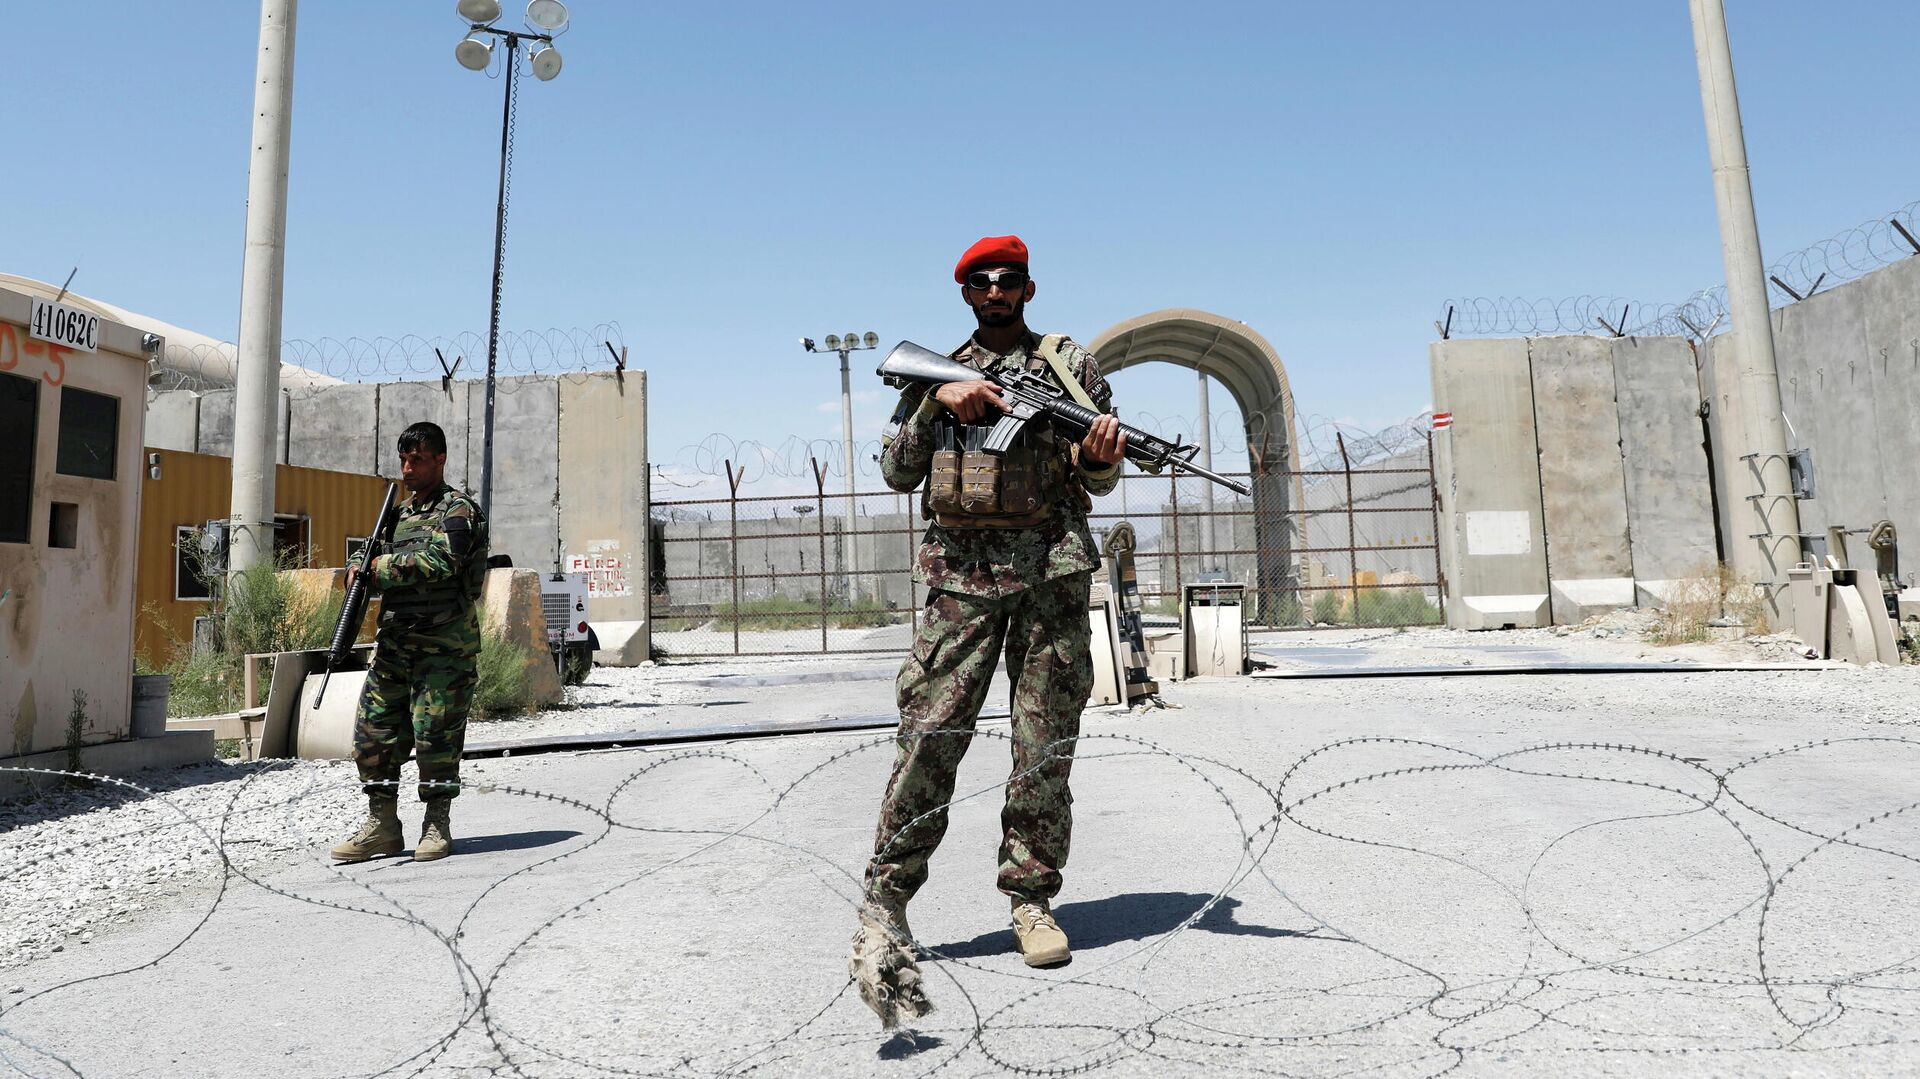 Афганские солдаты охраняют ворота американской авиабазы Баграм в день вывода Американских войск из Афганистана - РИА Новости, 1920, 03.07.2021